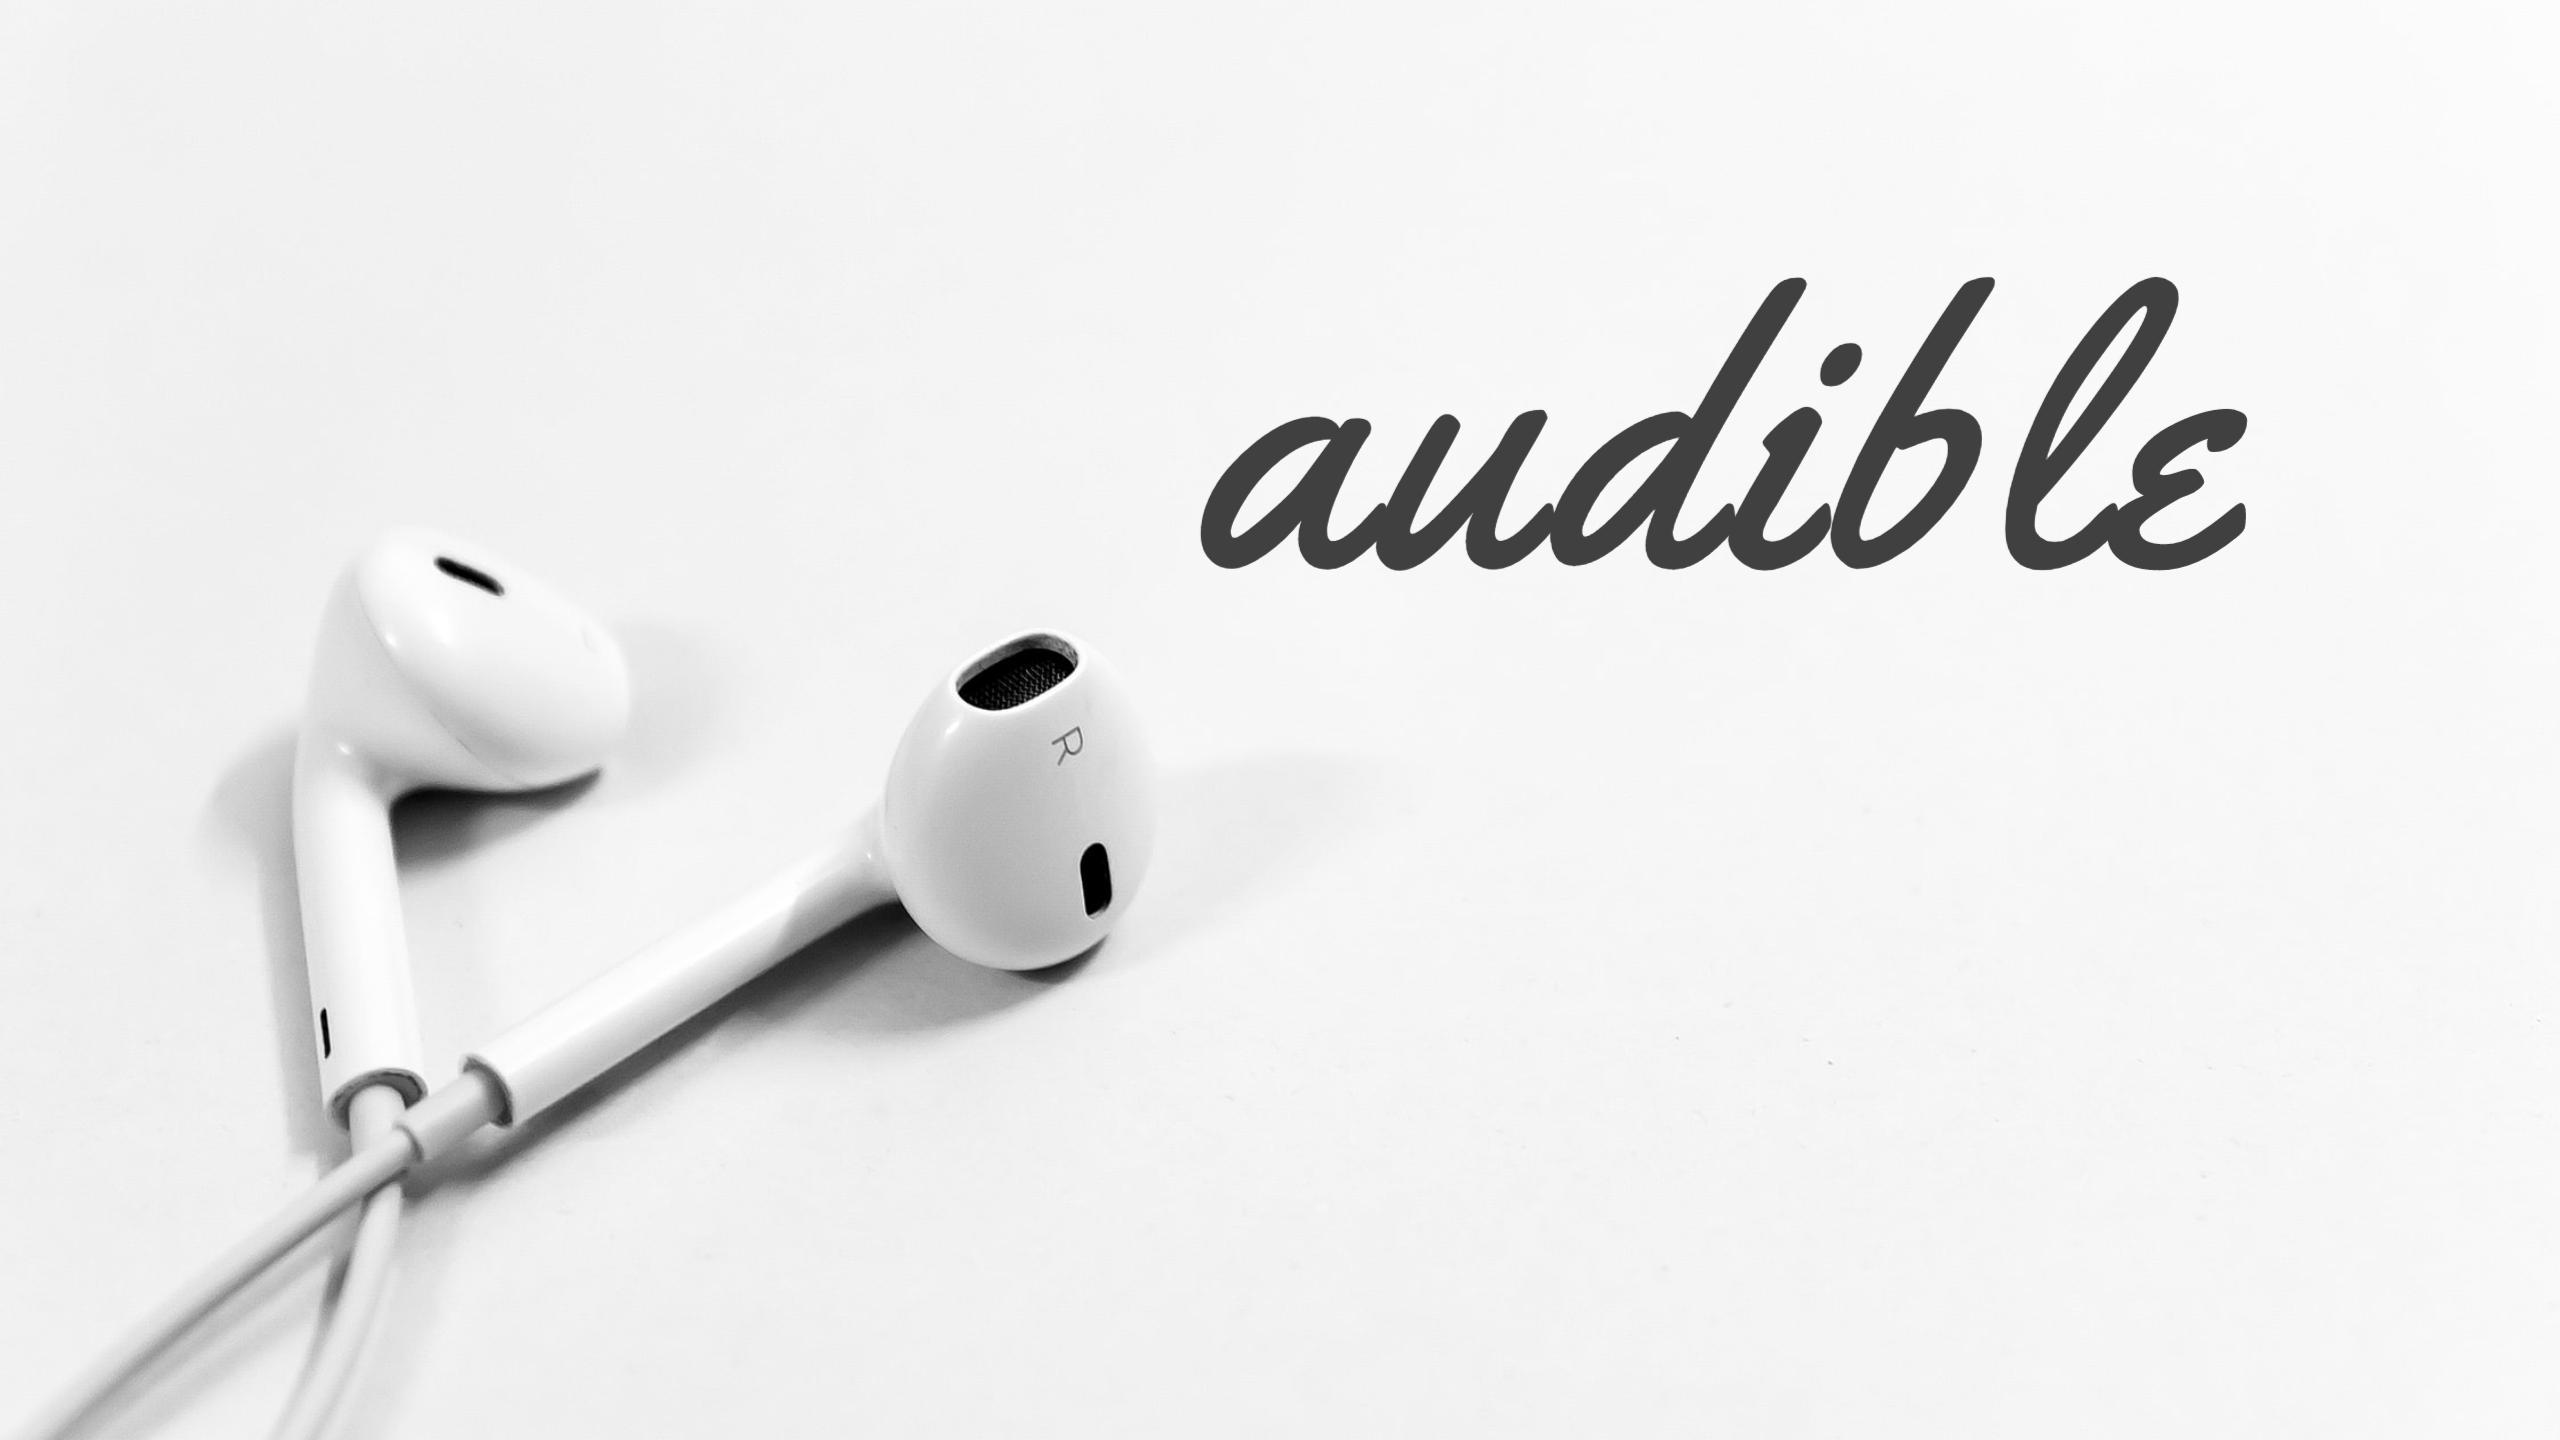 【徹底レビュー】Audible(オーディブル)の意外なメリット・デメリットとは?【無料体験がおすすめ!】